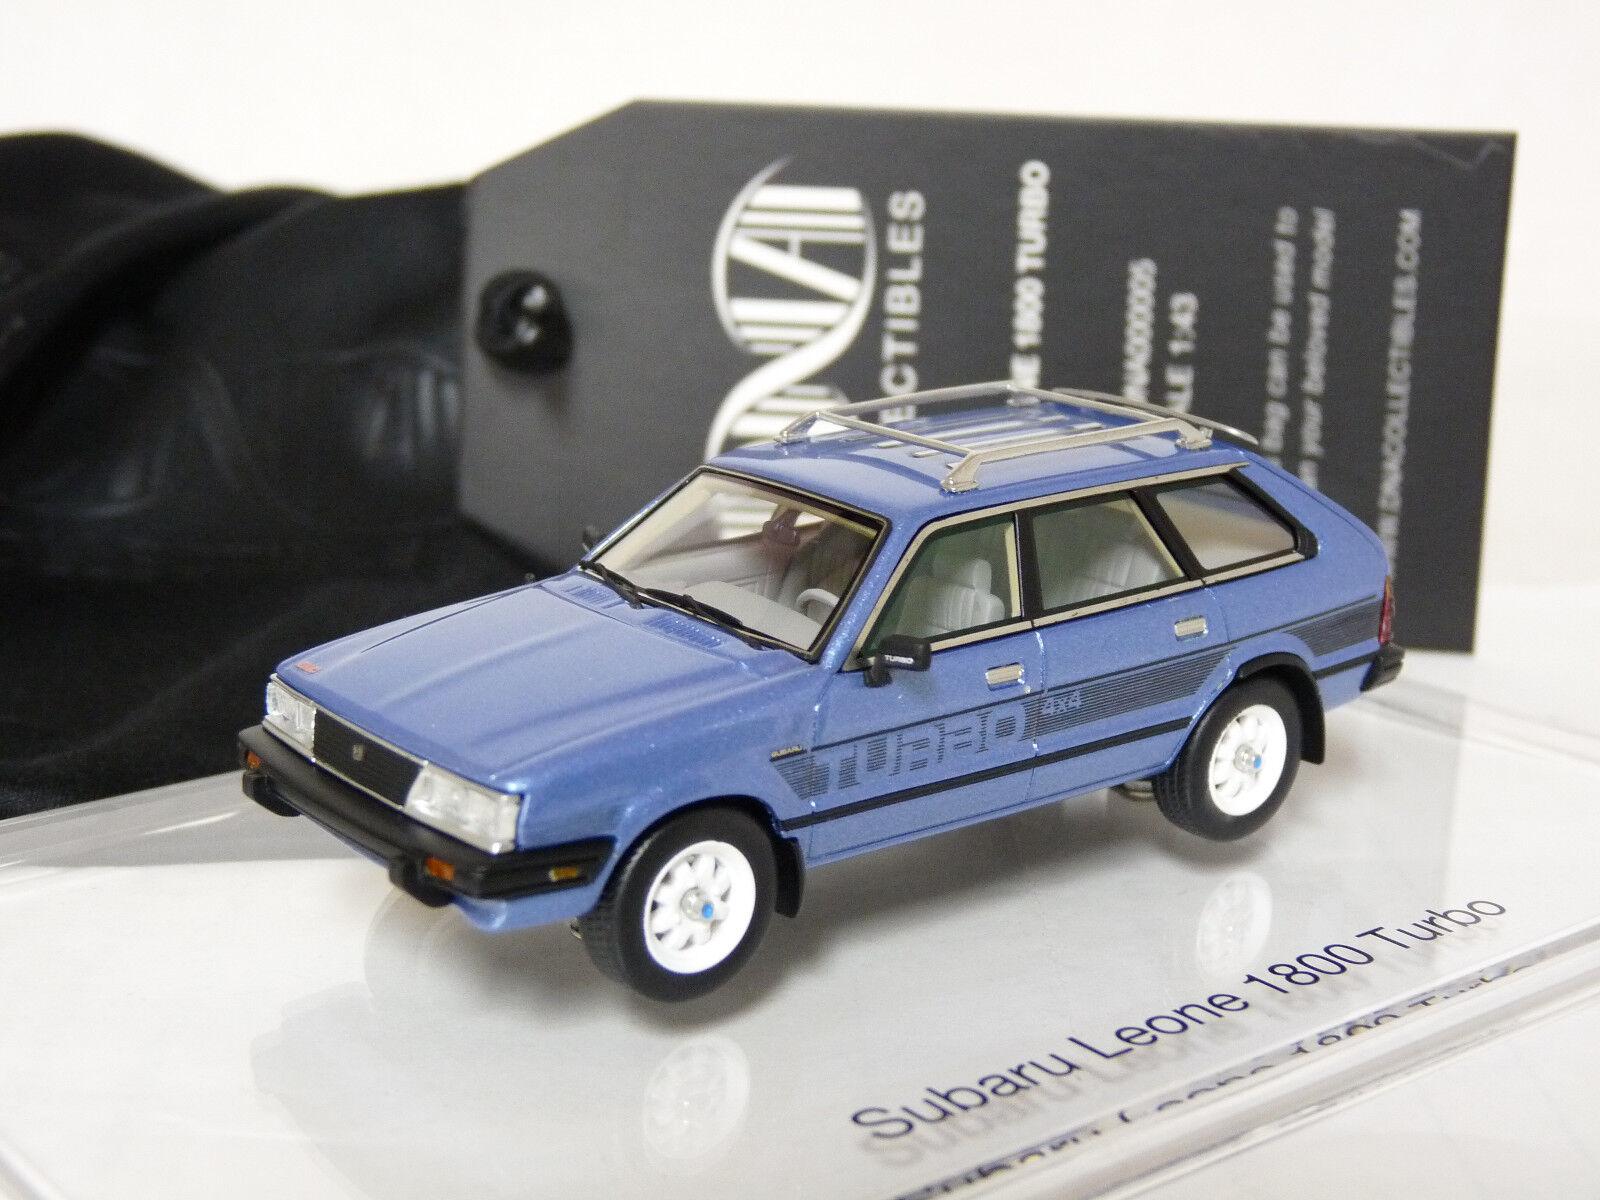 ventas al por mayor DNA DNA000005 1 43 1983 Subaru Leone 1800 Turbo 4x4 4x4 4x4 Coche Modelo de Resina de vagón  servicio honesto